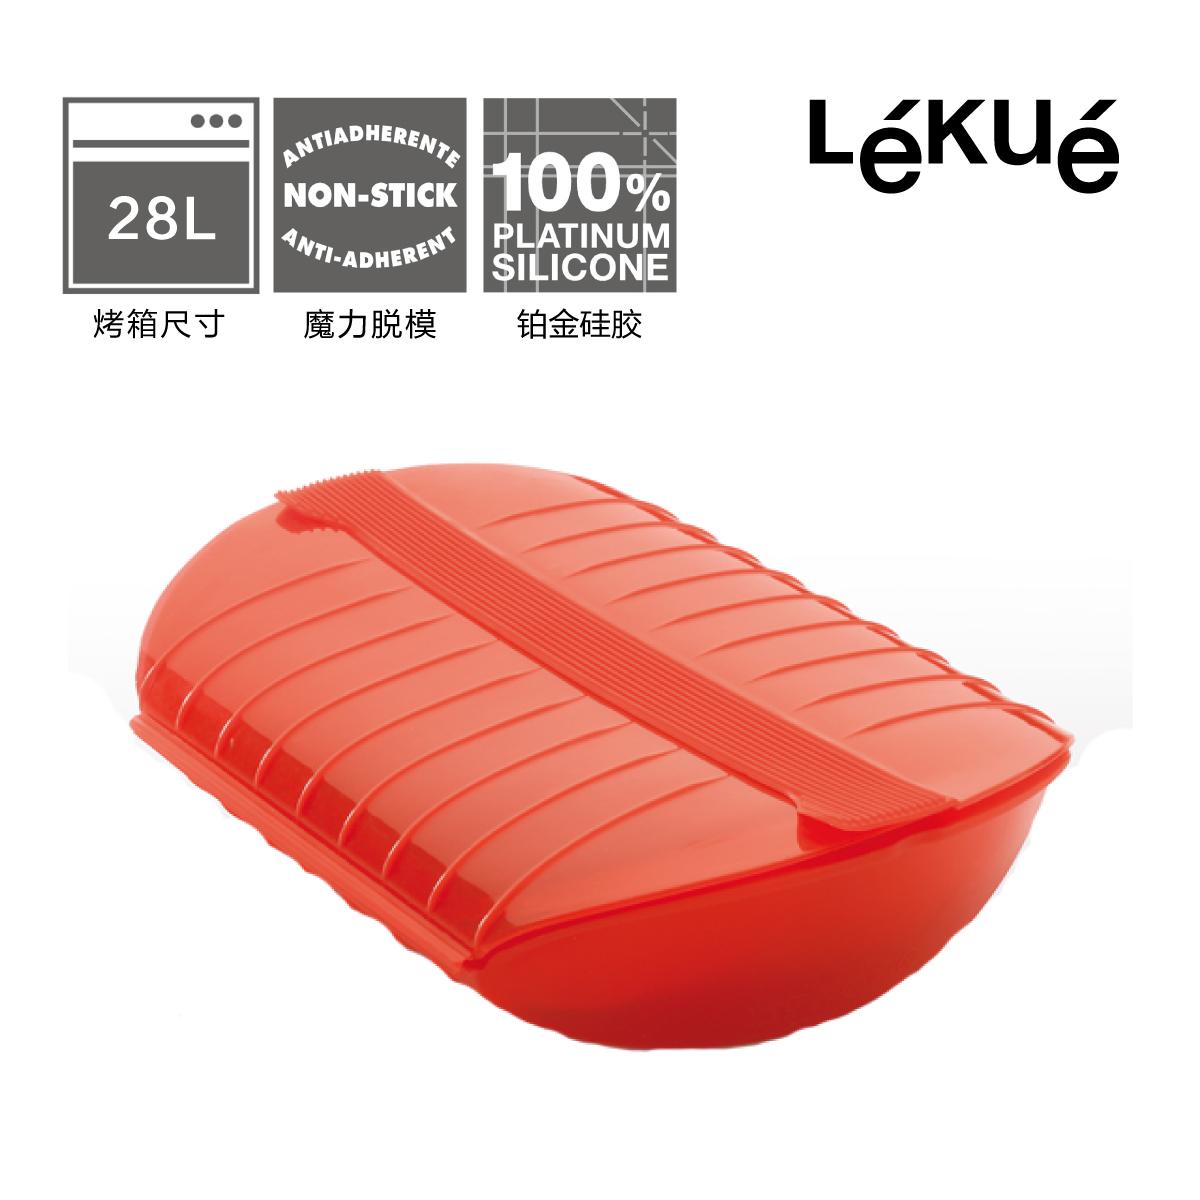 Посуда для приготовления в СВЧ печи Lekue 201306 1-2